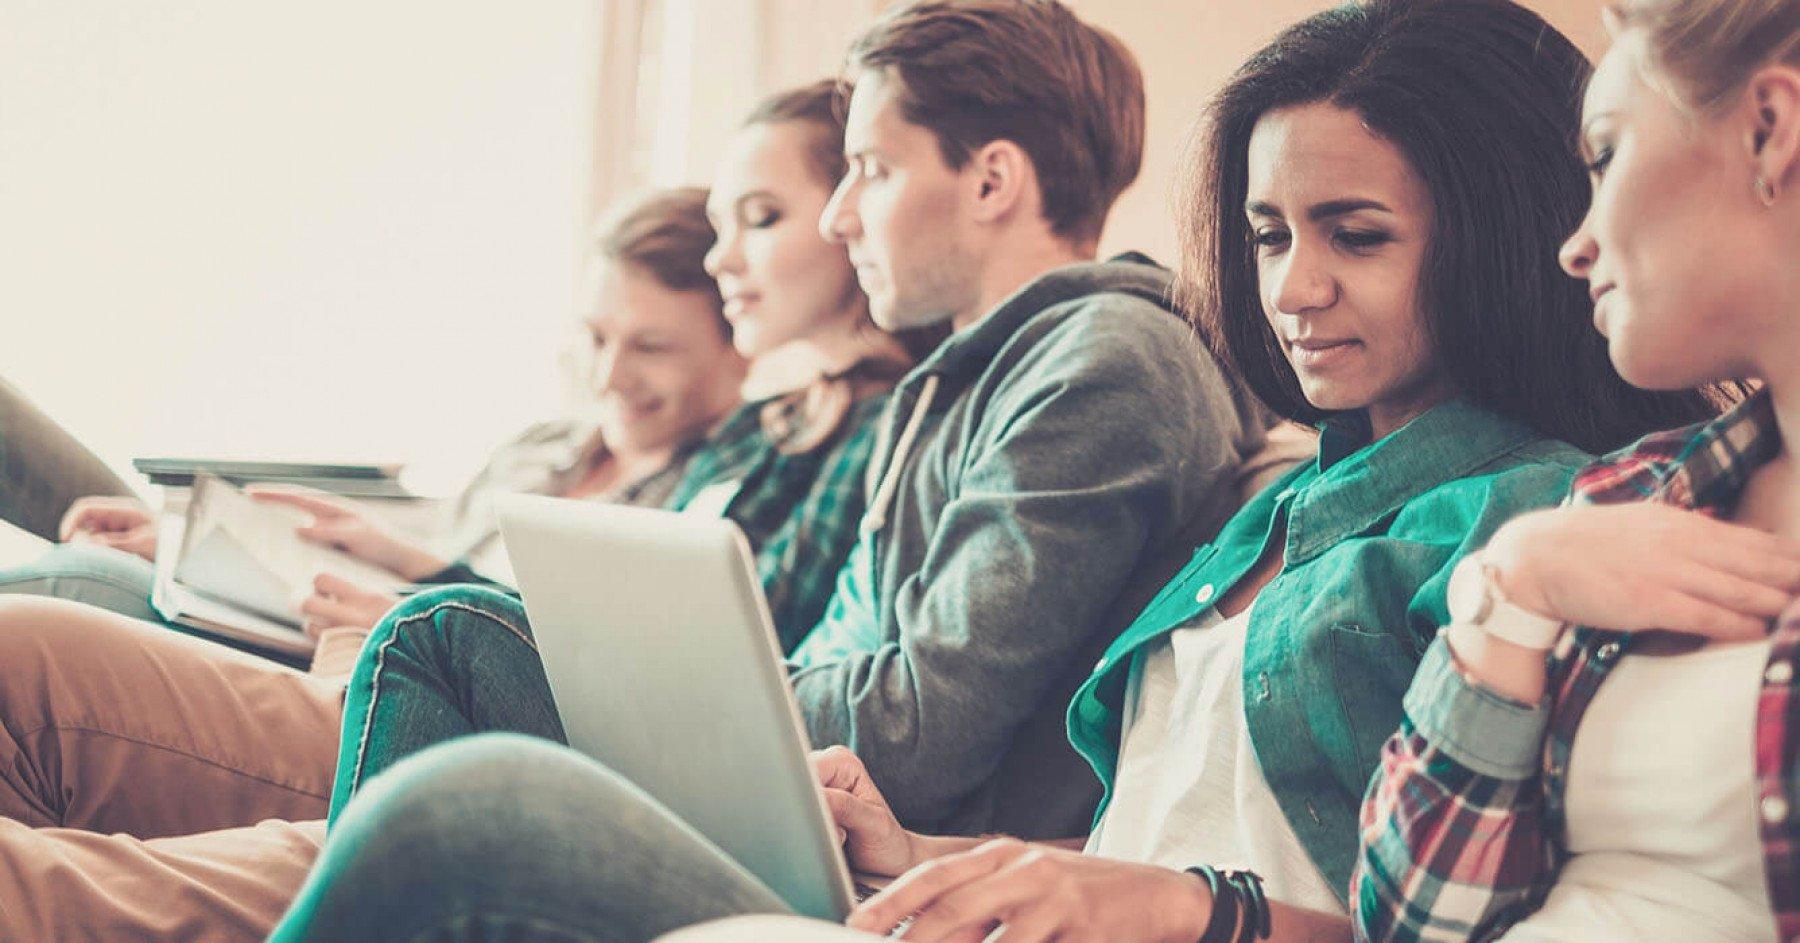 Människor sitter i en soffa med bärbara datorer